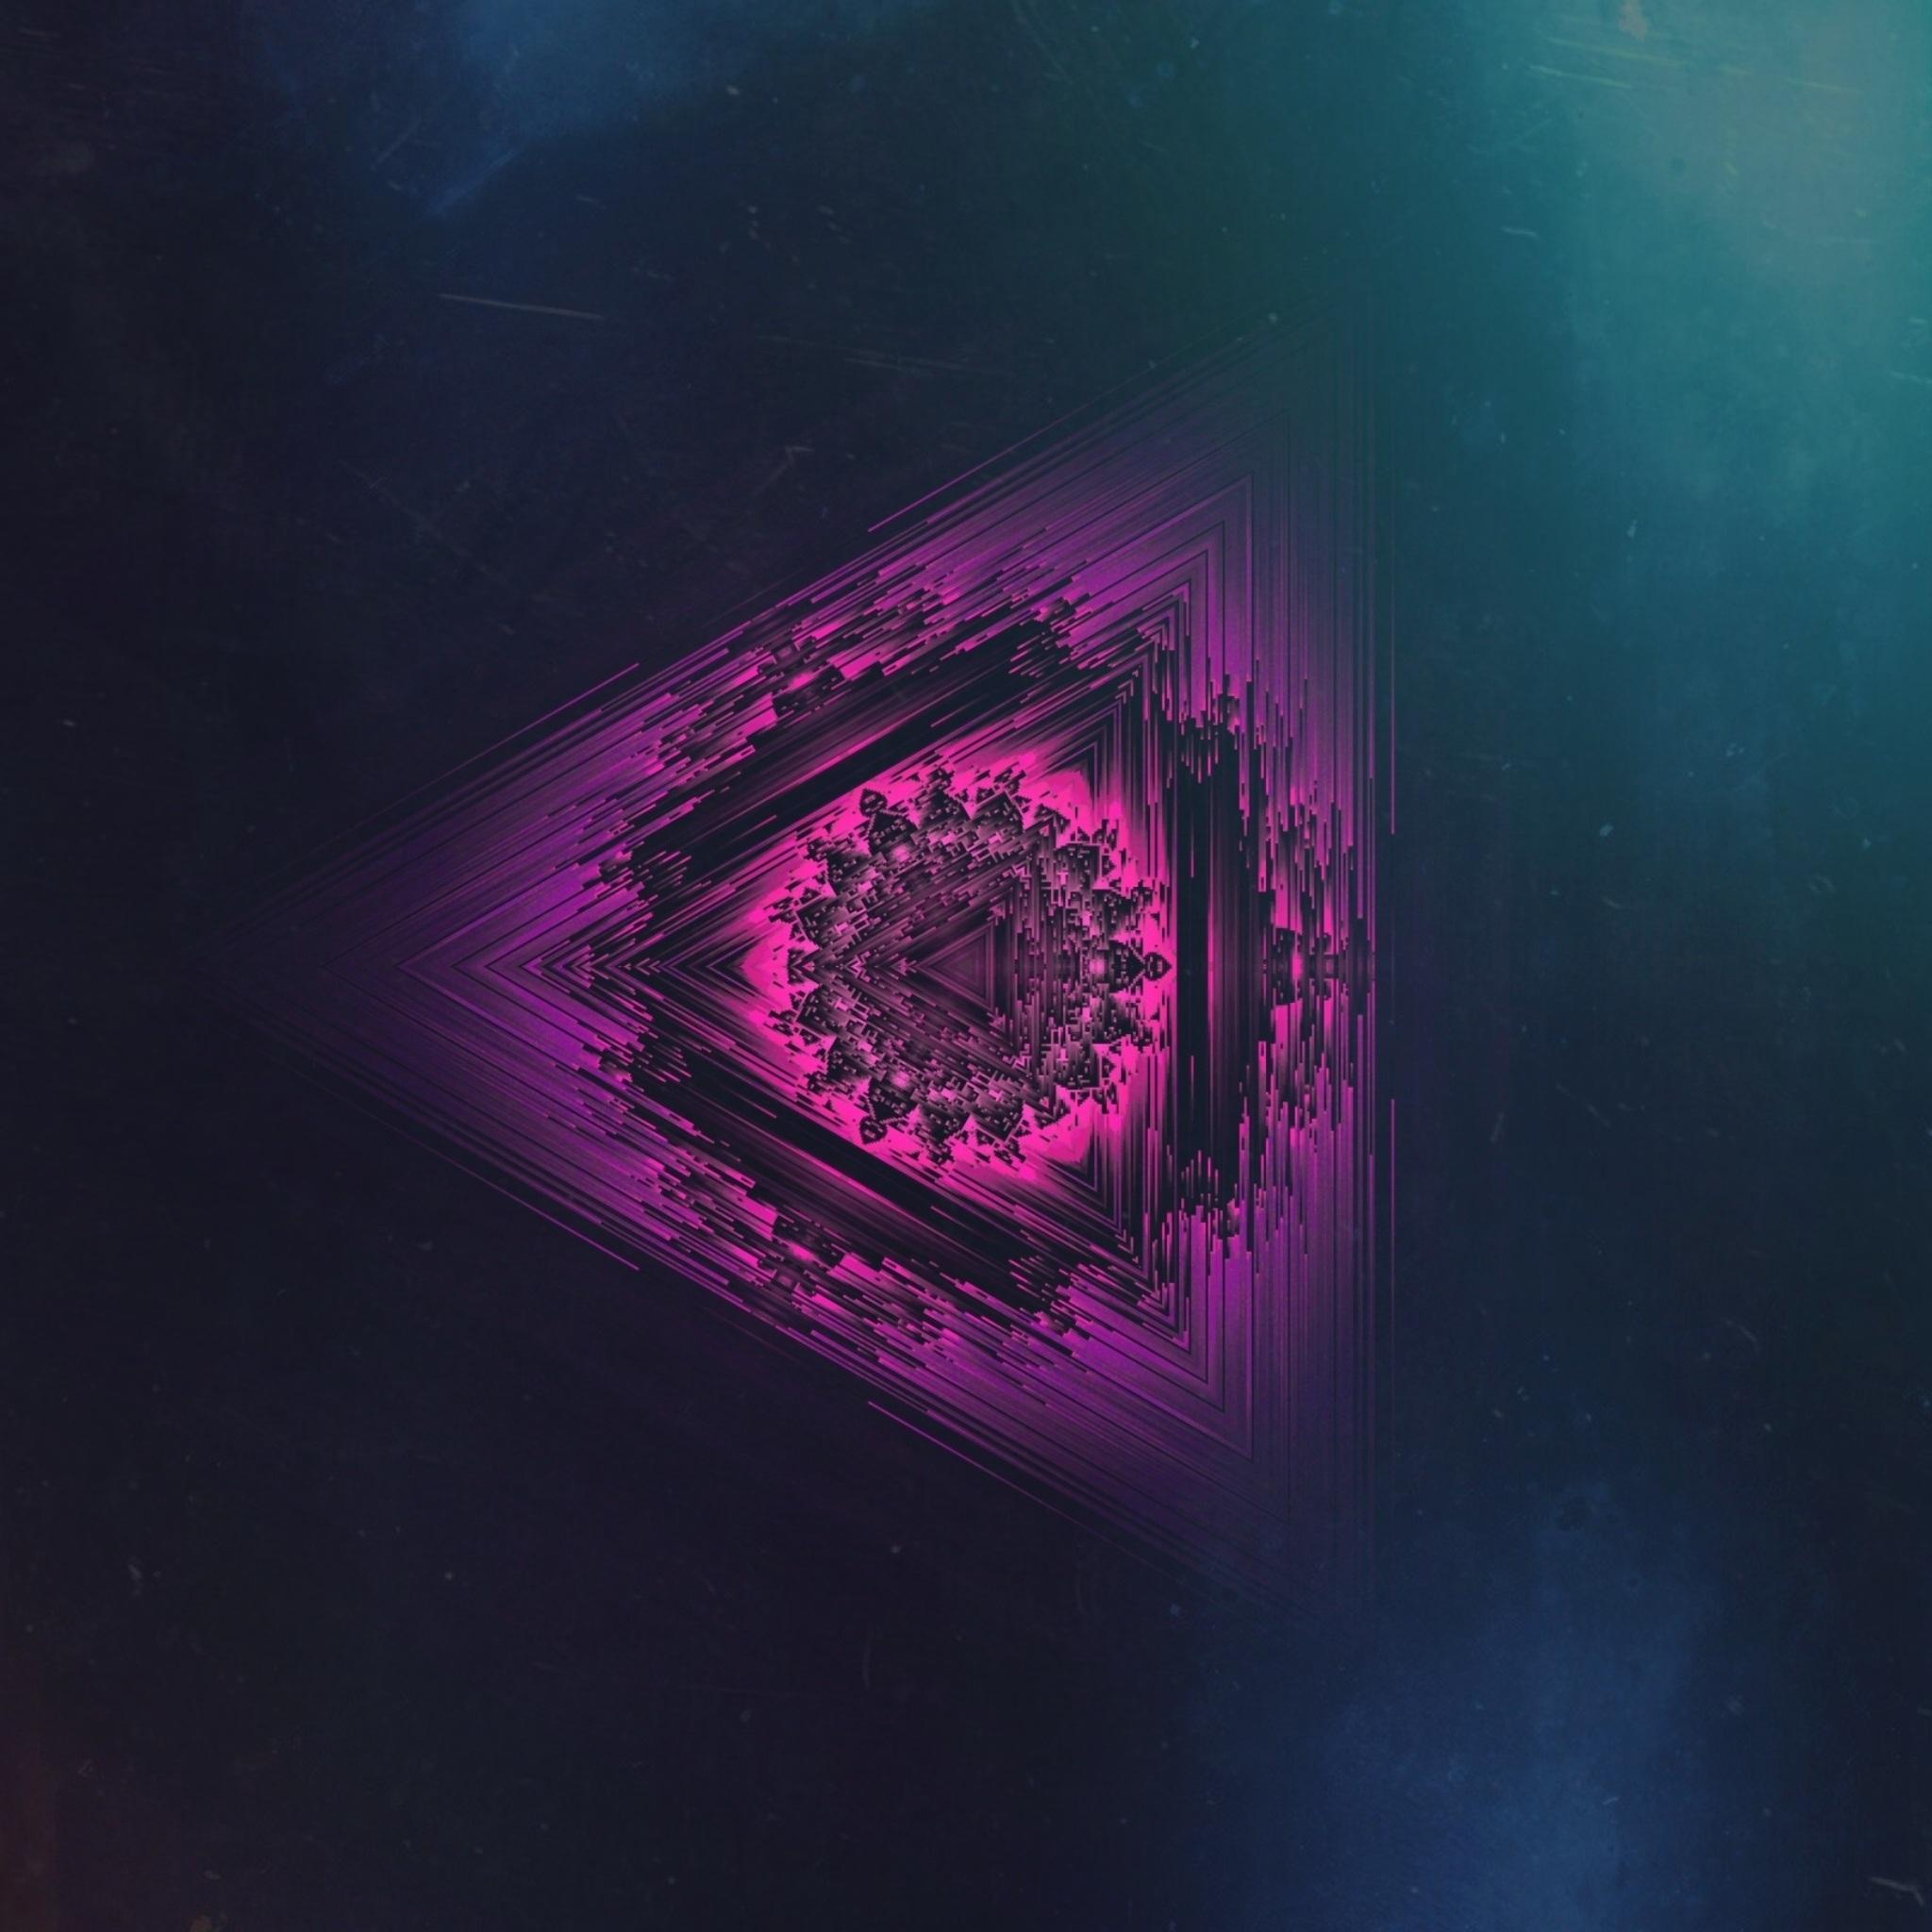 84611 download wallpaper Miscellanea, Miscellaneous, Neon, Triangle, Mandala, Symmetric, Glitch Art, Glitz Art screensavers and pictures for free